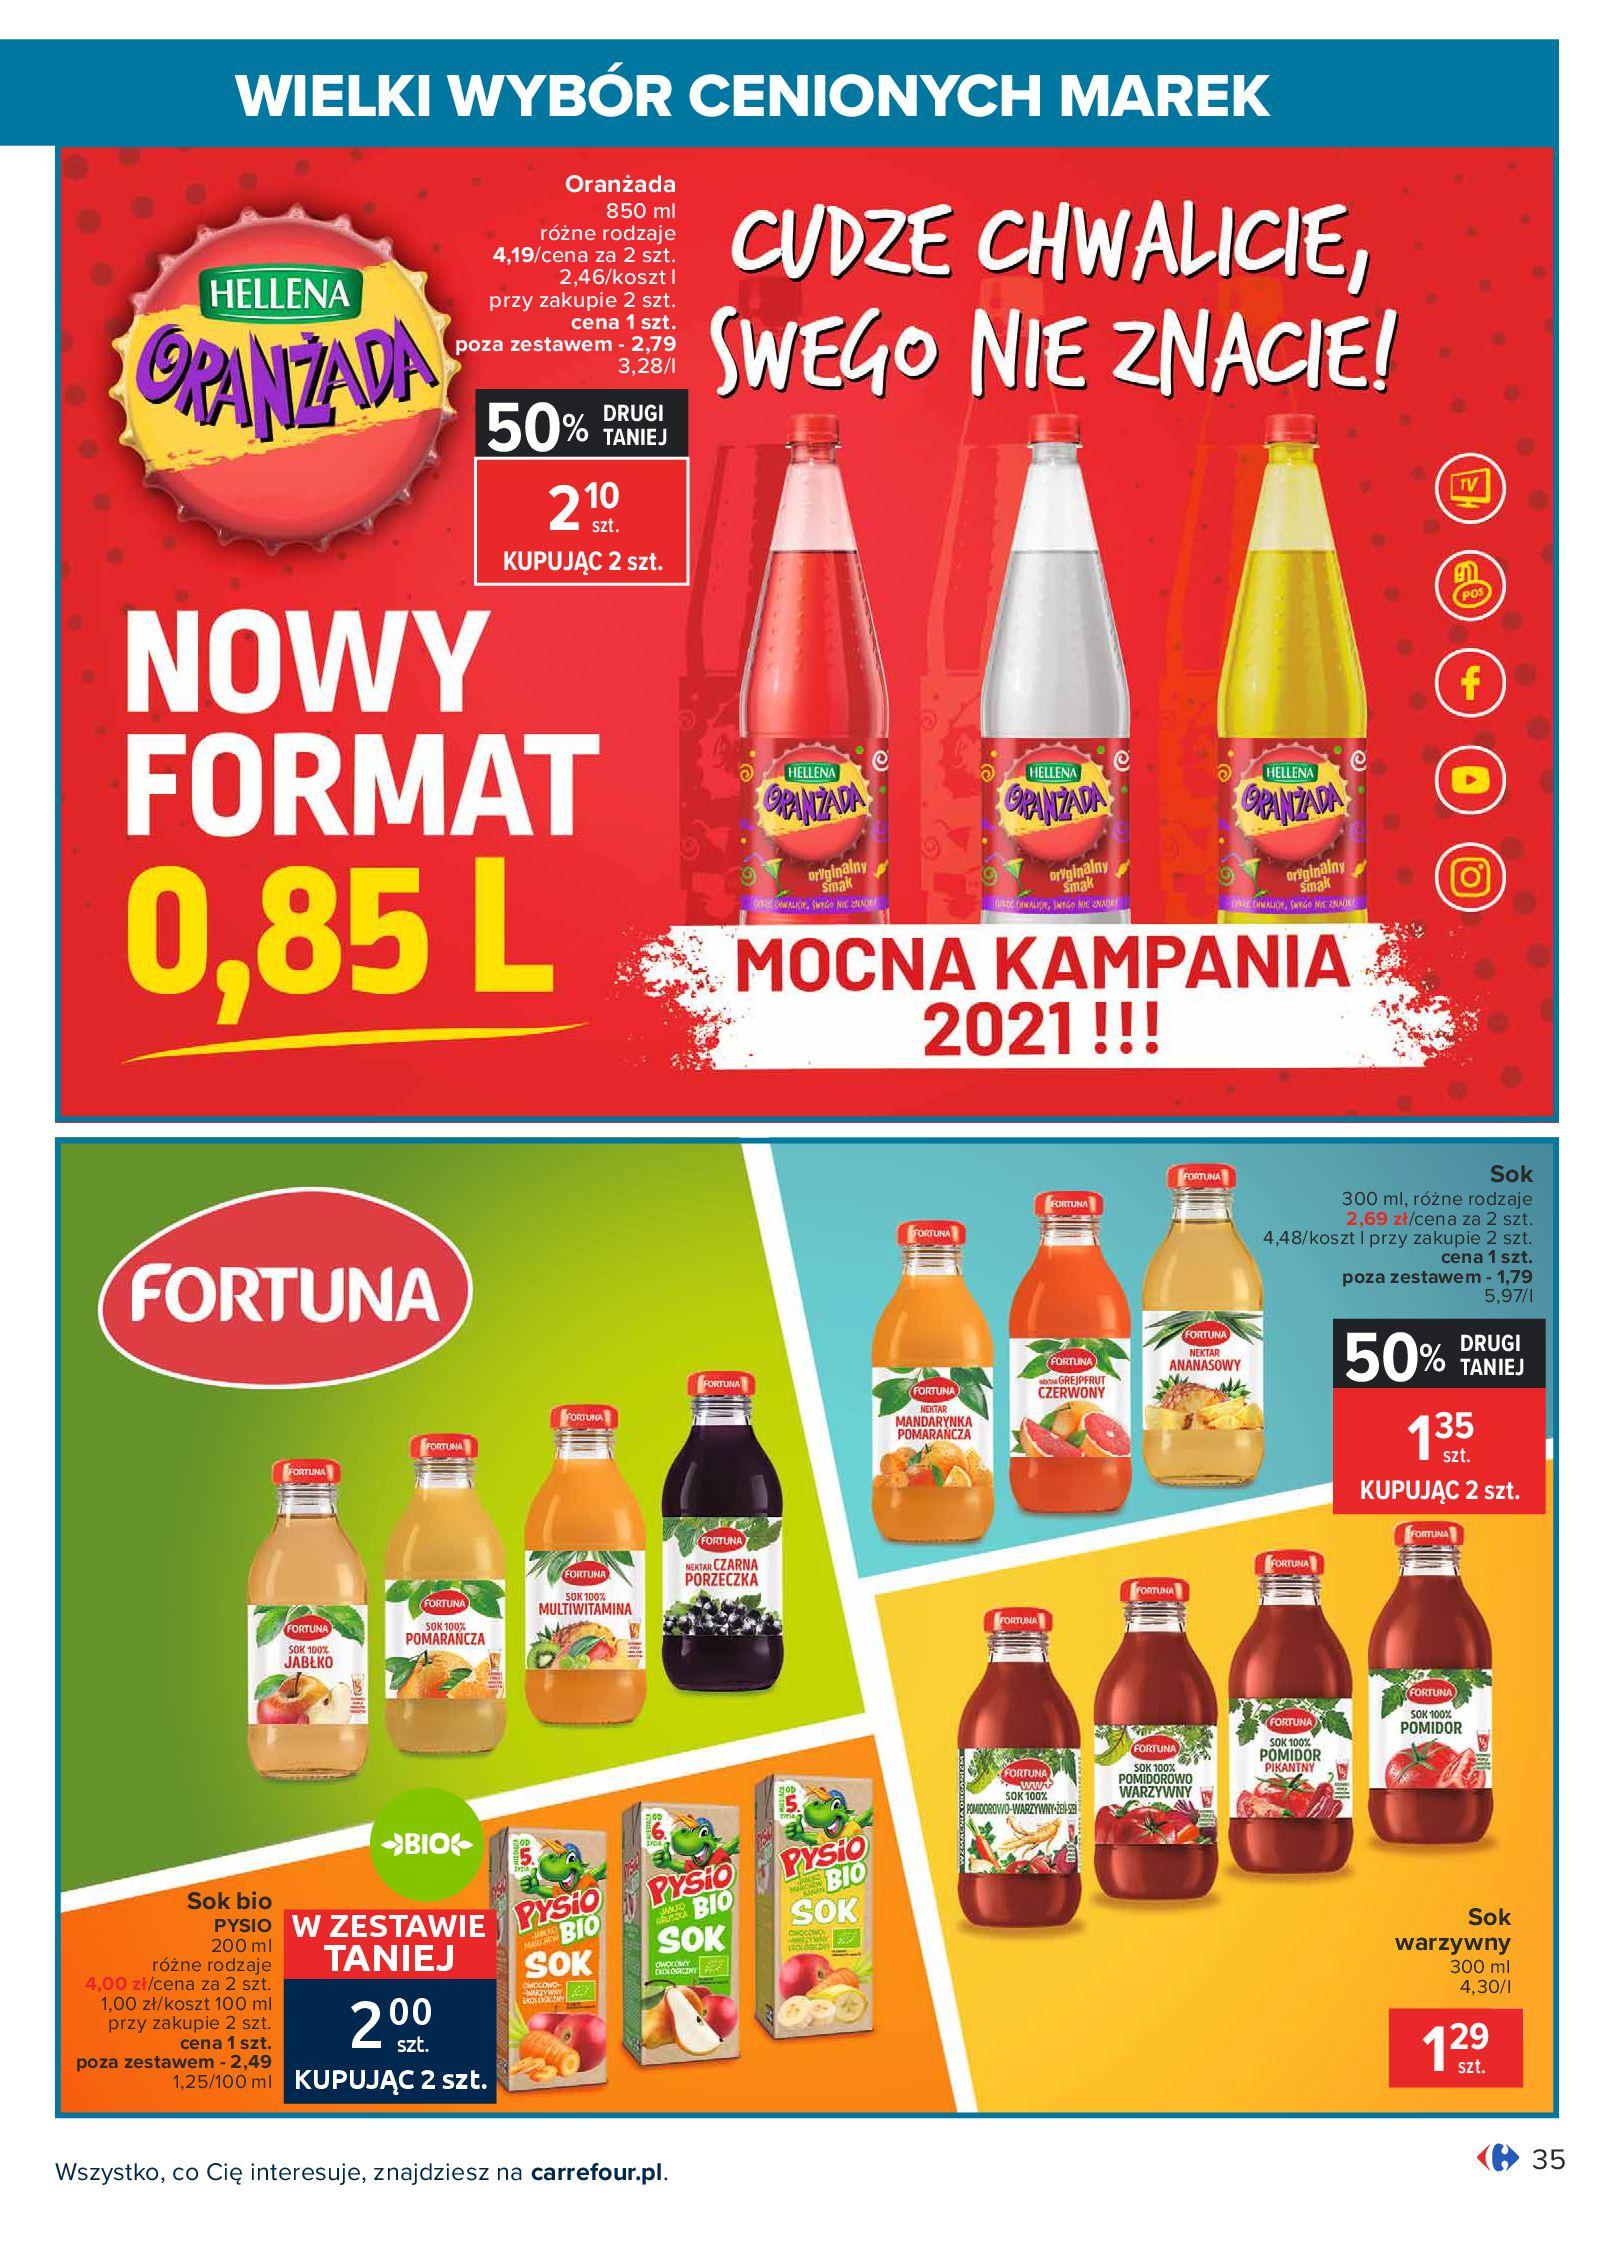 Gazetka Carrefour: Wielki wybór cenionych marek 2021-05-04 page-35